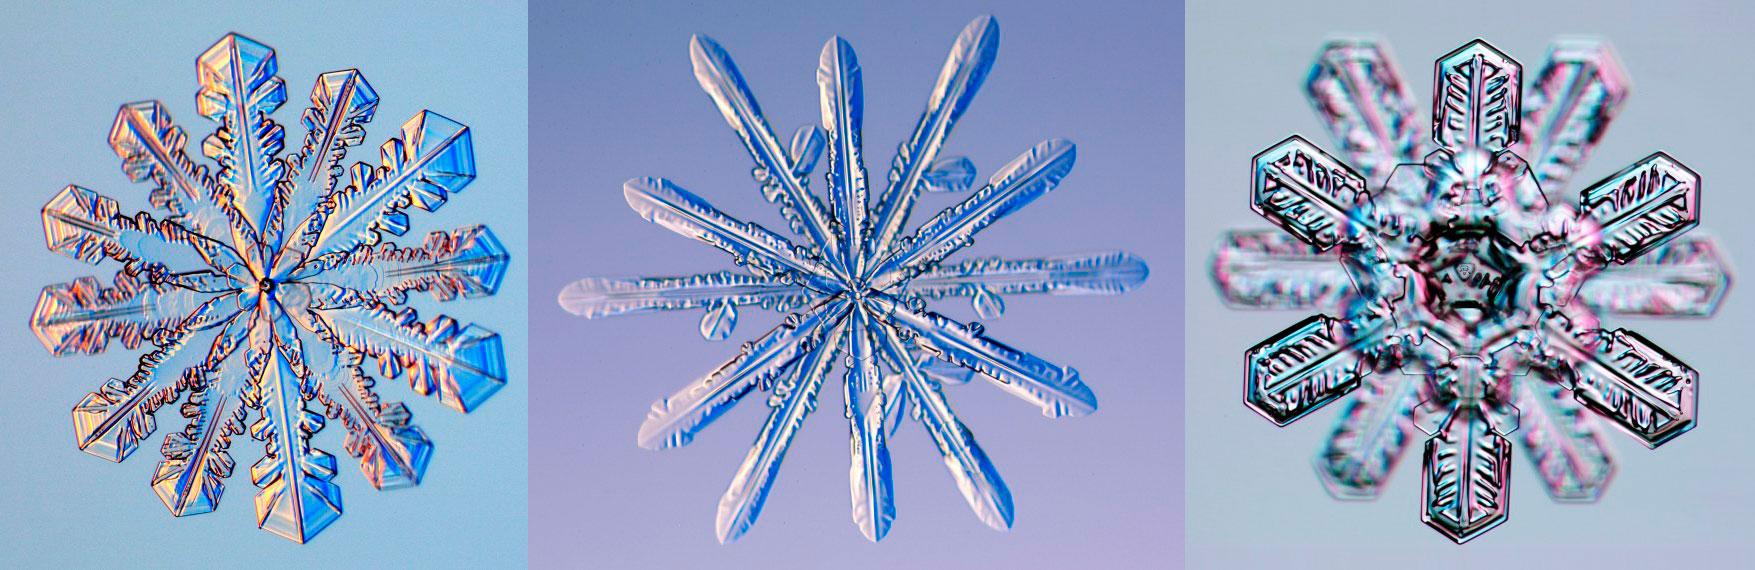 Снег - твердые осадки в виде кристаллов (снежинок)